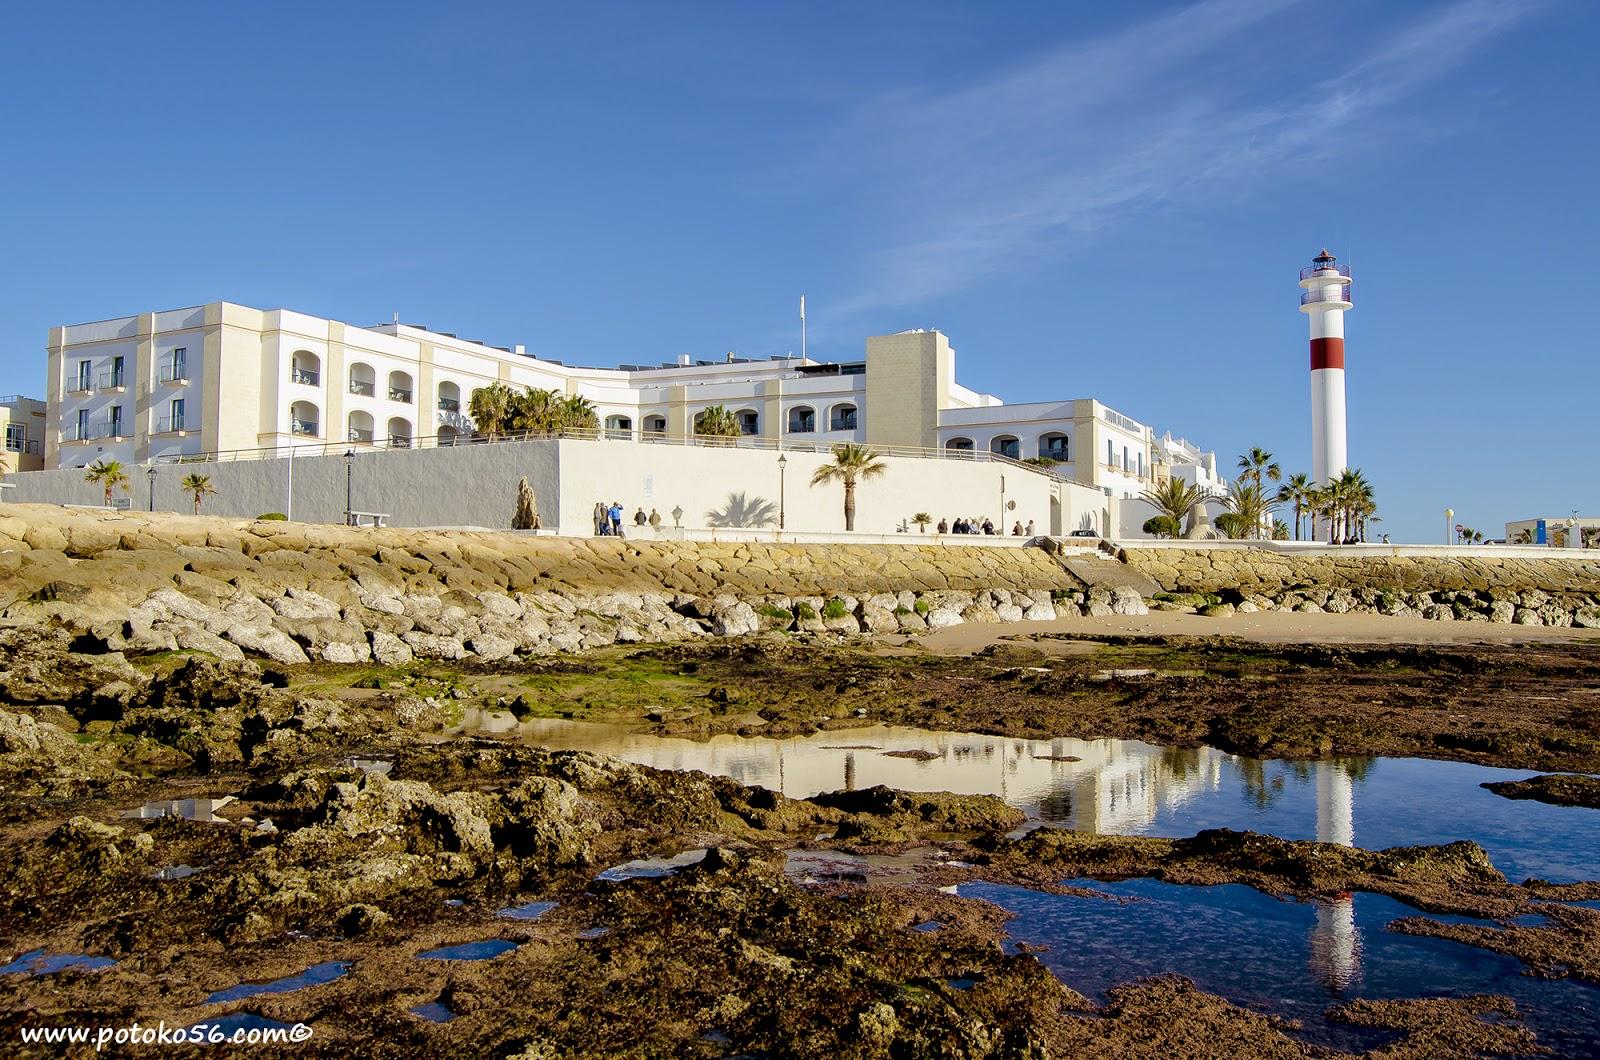 Hotel Duque de Nájera y el Faro en la bajamar Rota